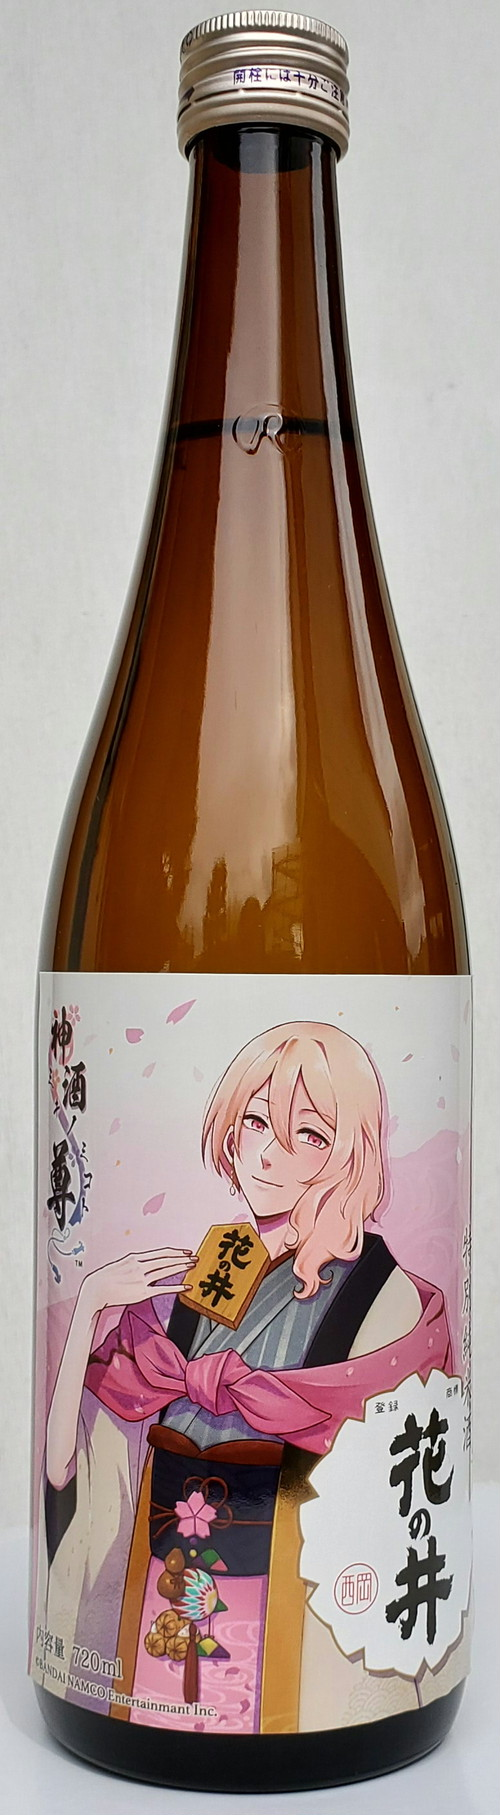 花の井 特別純米酒 神酒ノ尊 皇子ラベル 720ml